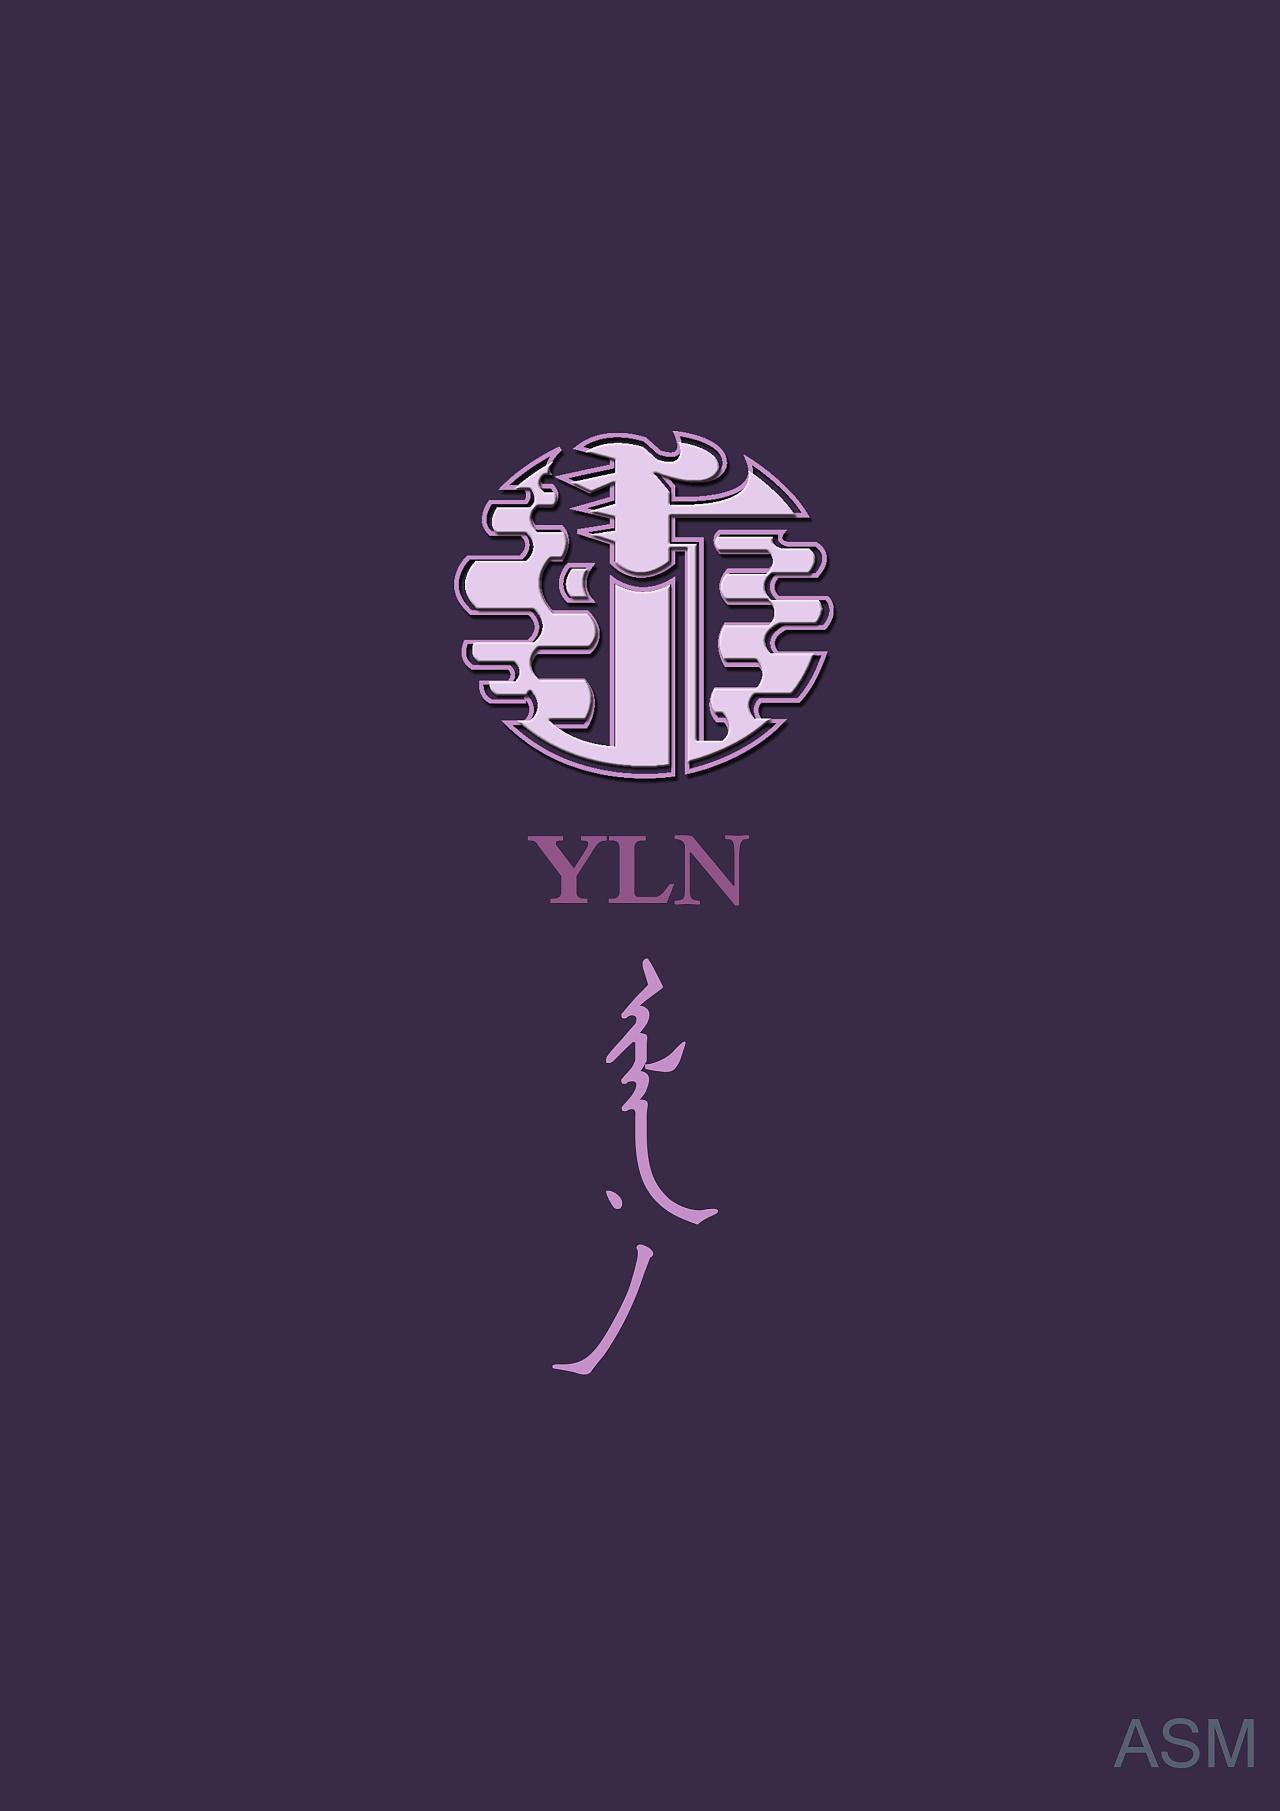 蒙古艺术文字 -阿斯玛设计 第8张